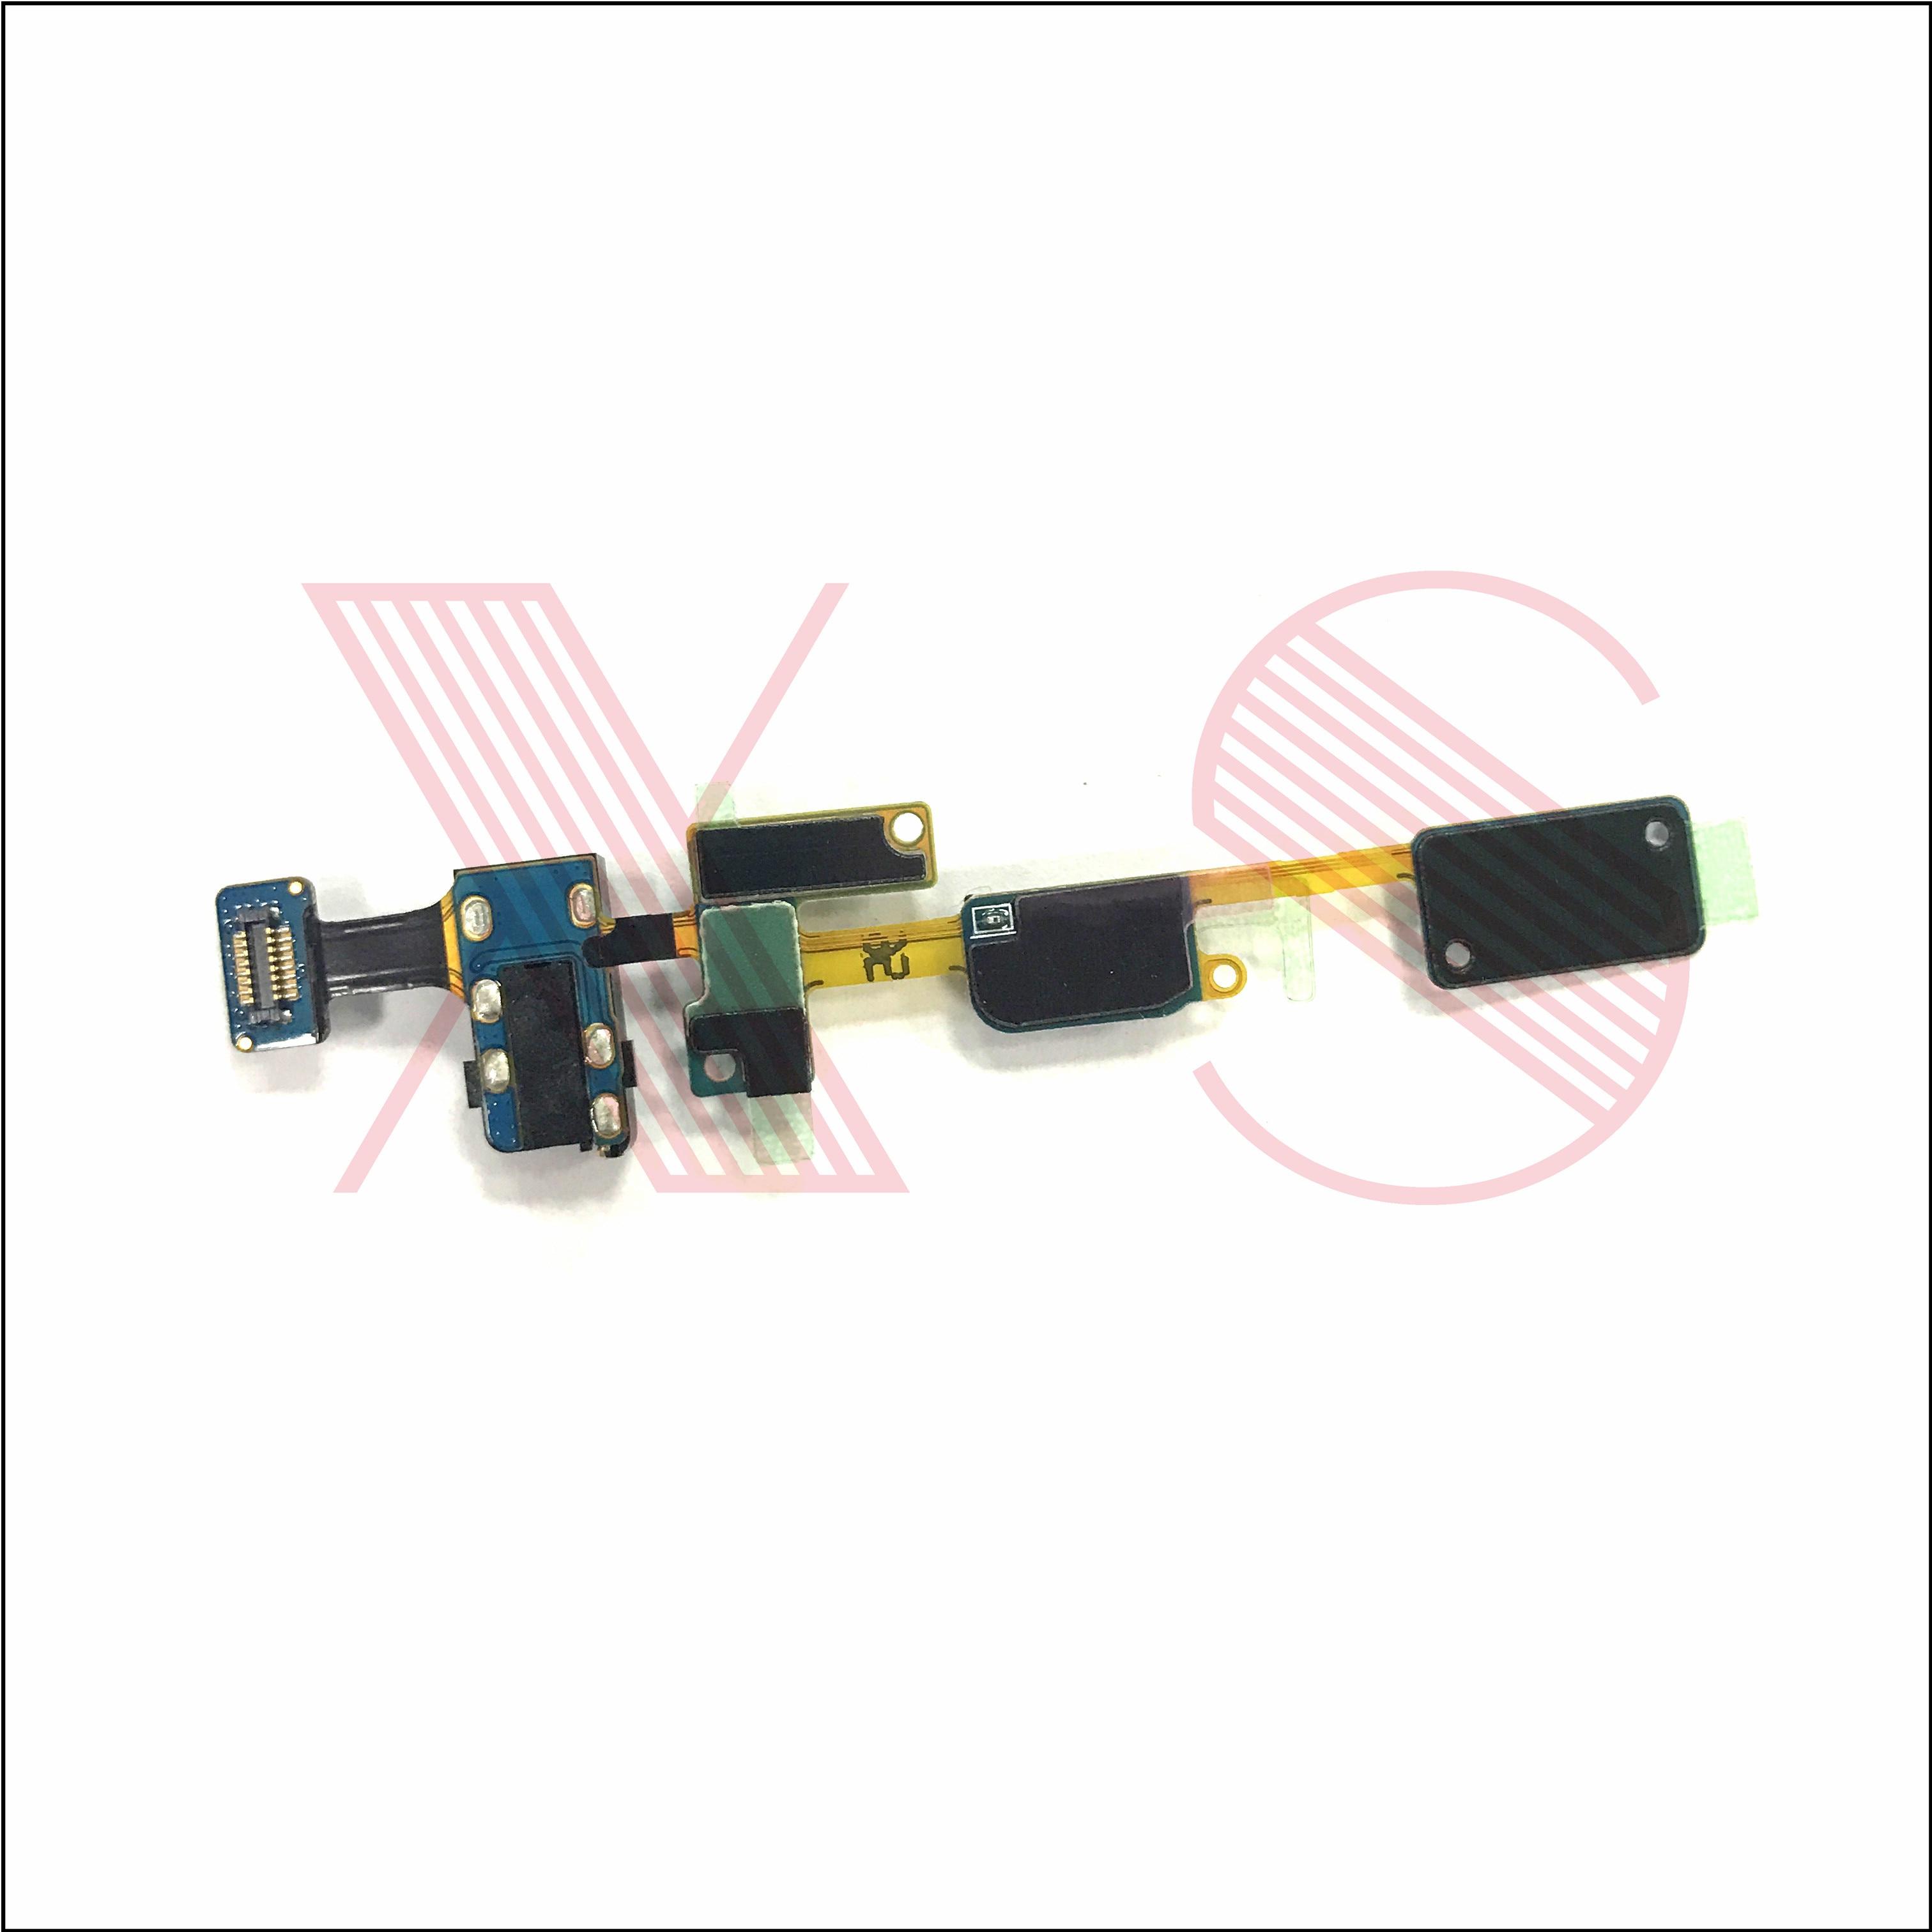 50x Para Samsung Galaxy J7 G610F Principal Home Button Chave Sensor de Luz de retorno Menu Keyborad Fone De Ouvido Áudio Jack Flex Cabo plana - 2